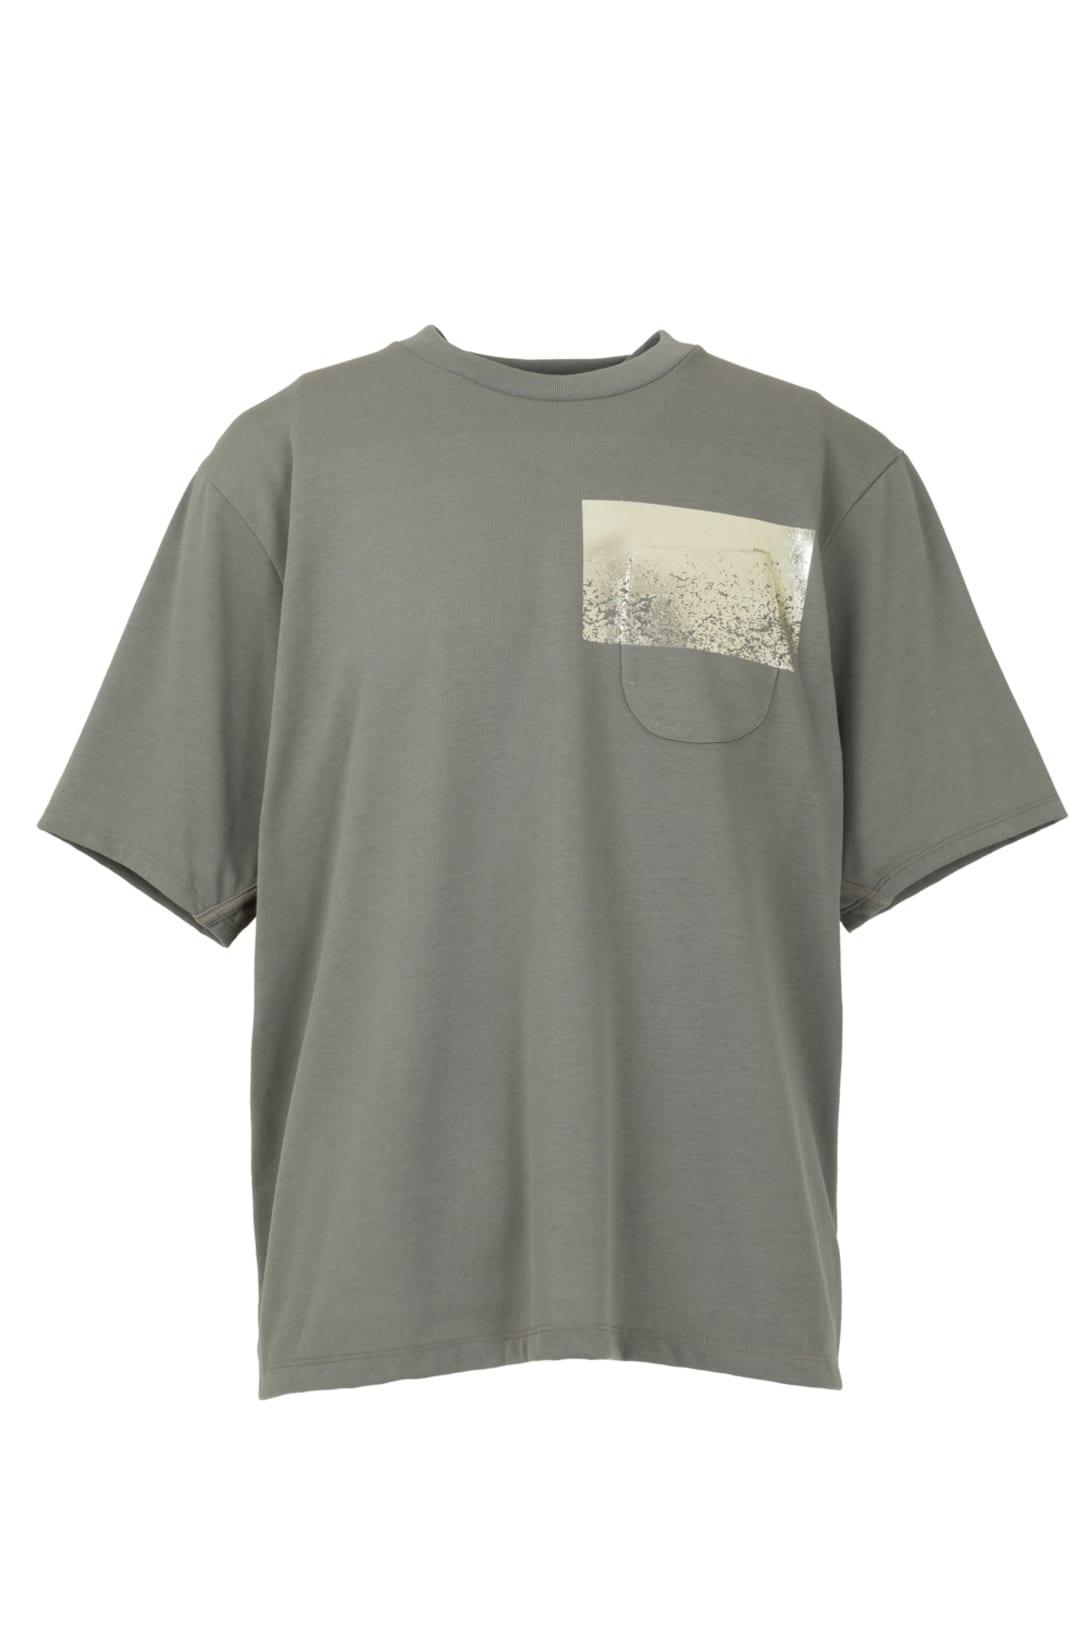 ショートスリーブTシャツ(ホワイト・ブラック・グレー・ベージュ・オリーブ5色展開、各税別1万1000円)※写真はオリーブ